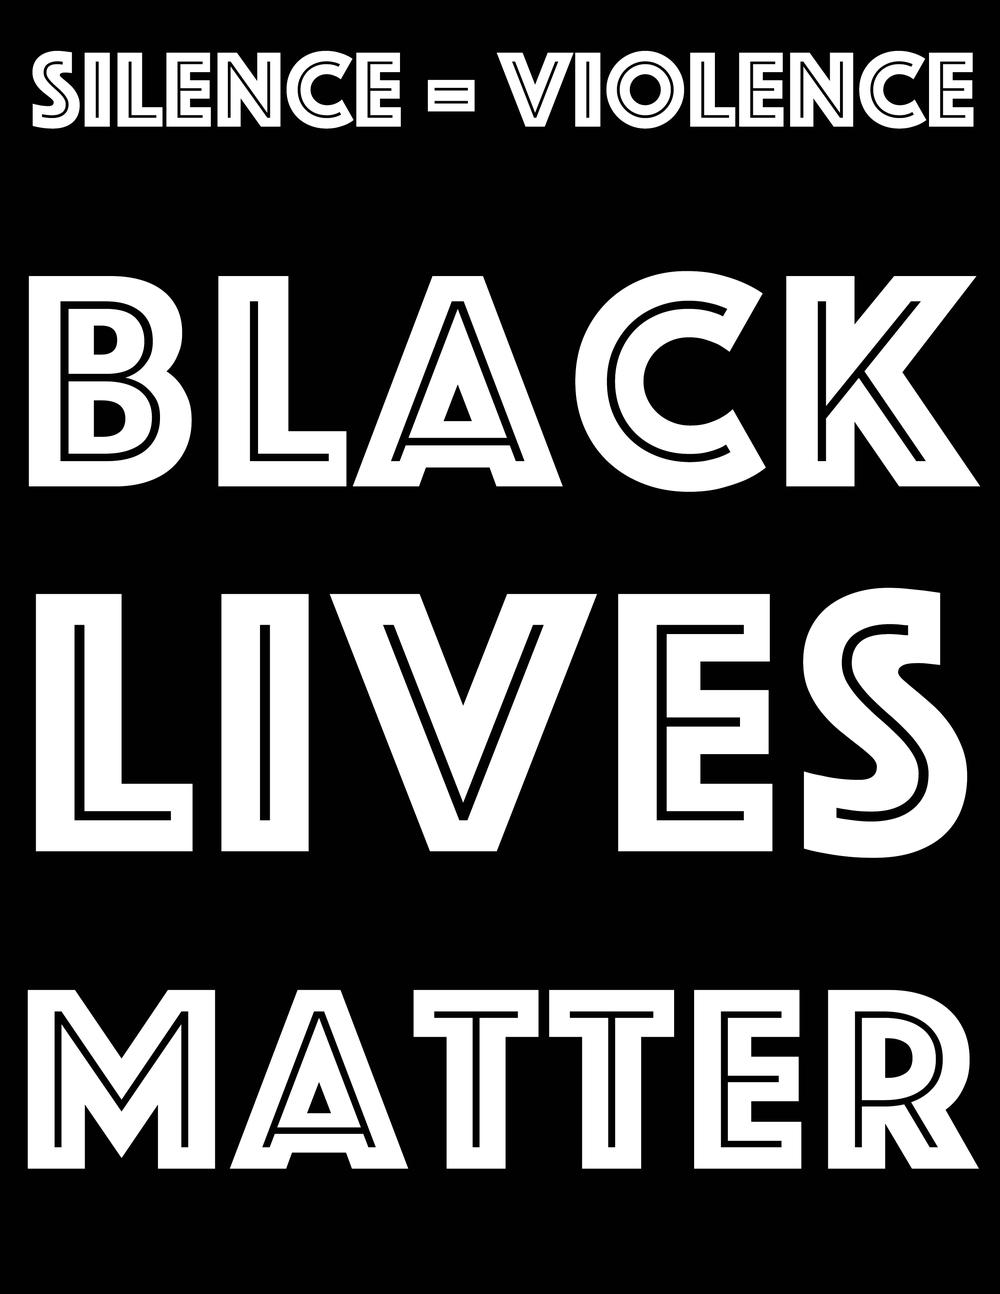 silence=violence, black lives matter